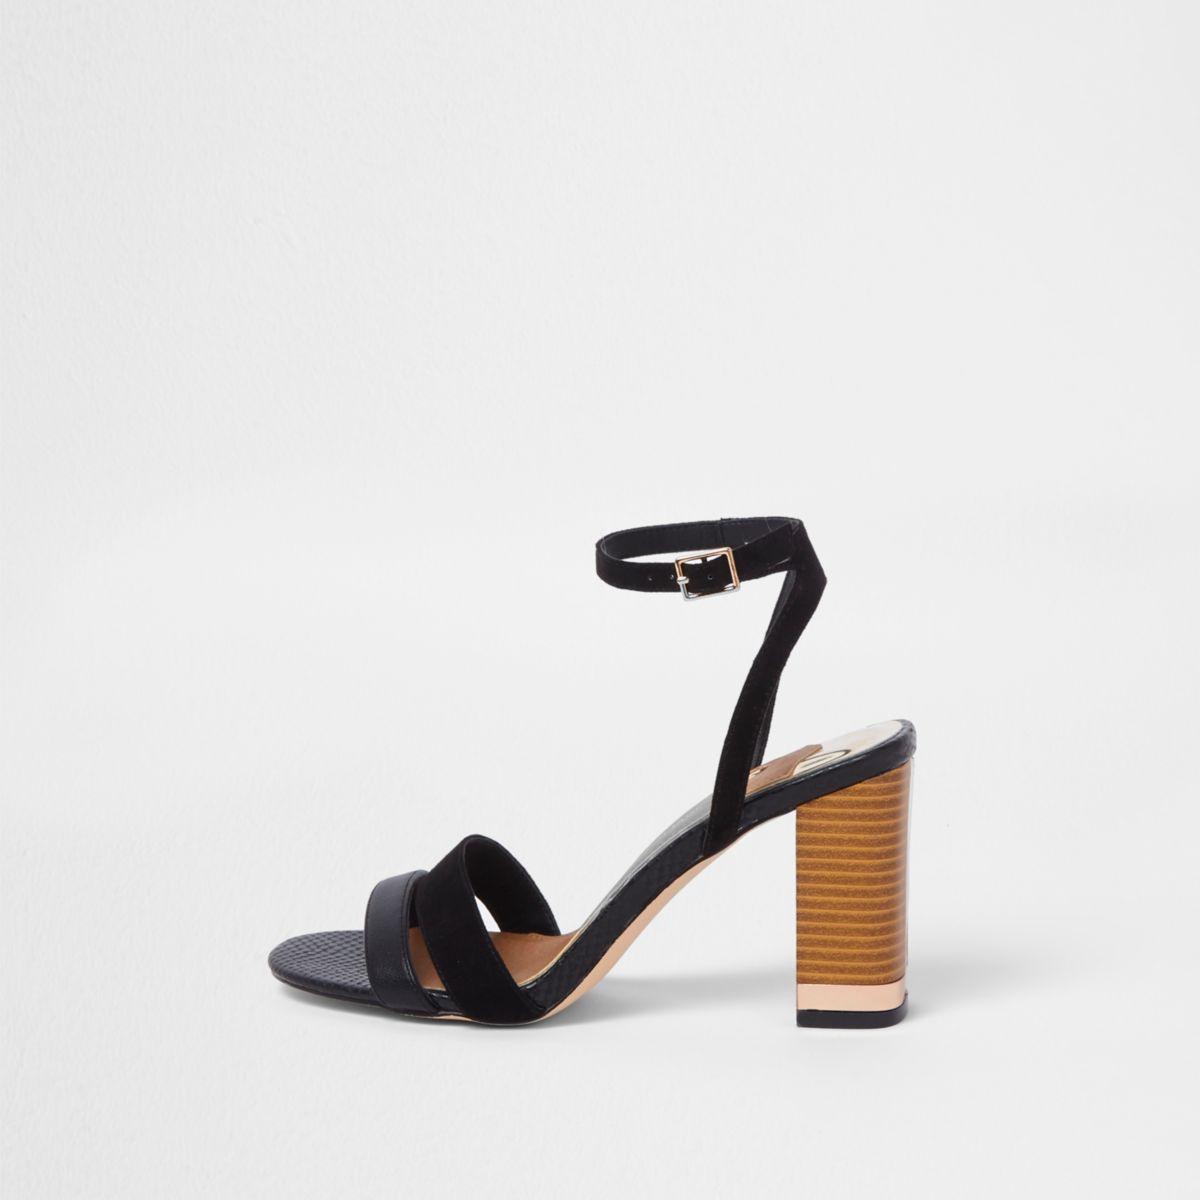 Sandales Noires Avec Noeud Rembourrés Pv36kk